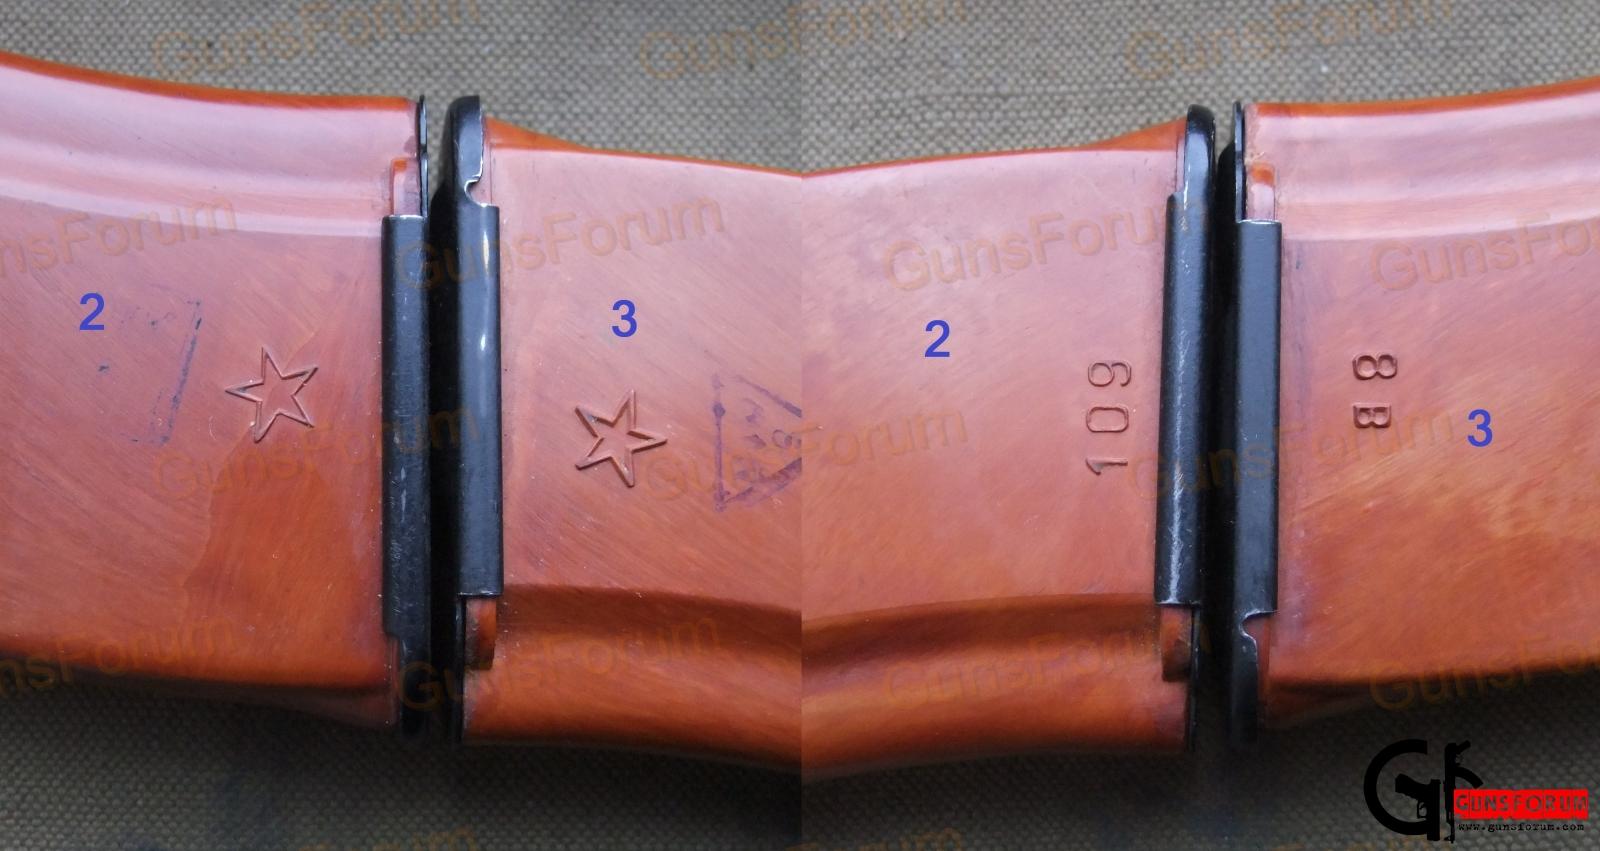 large_66.JPG.b0d963bf7f425c0a246793f9ff681752.JPG